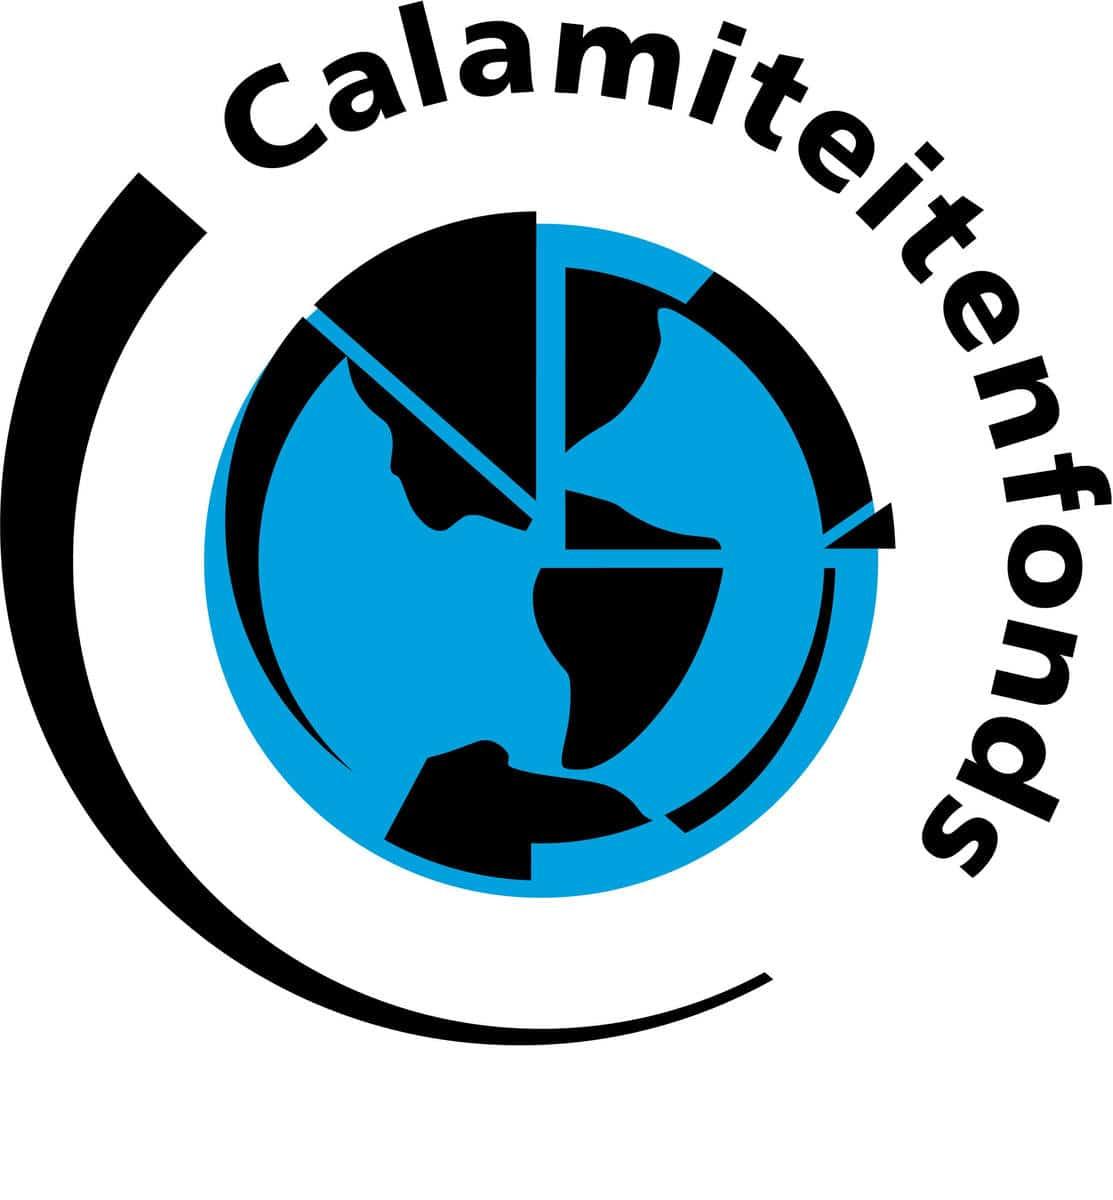 Calamiteitenfonds logo alleen op vakantie